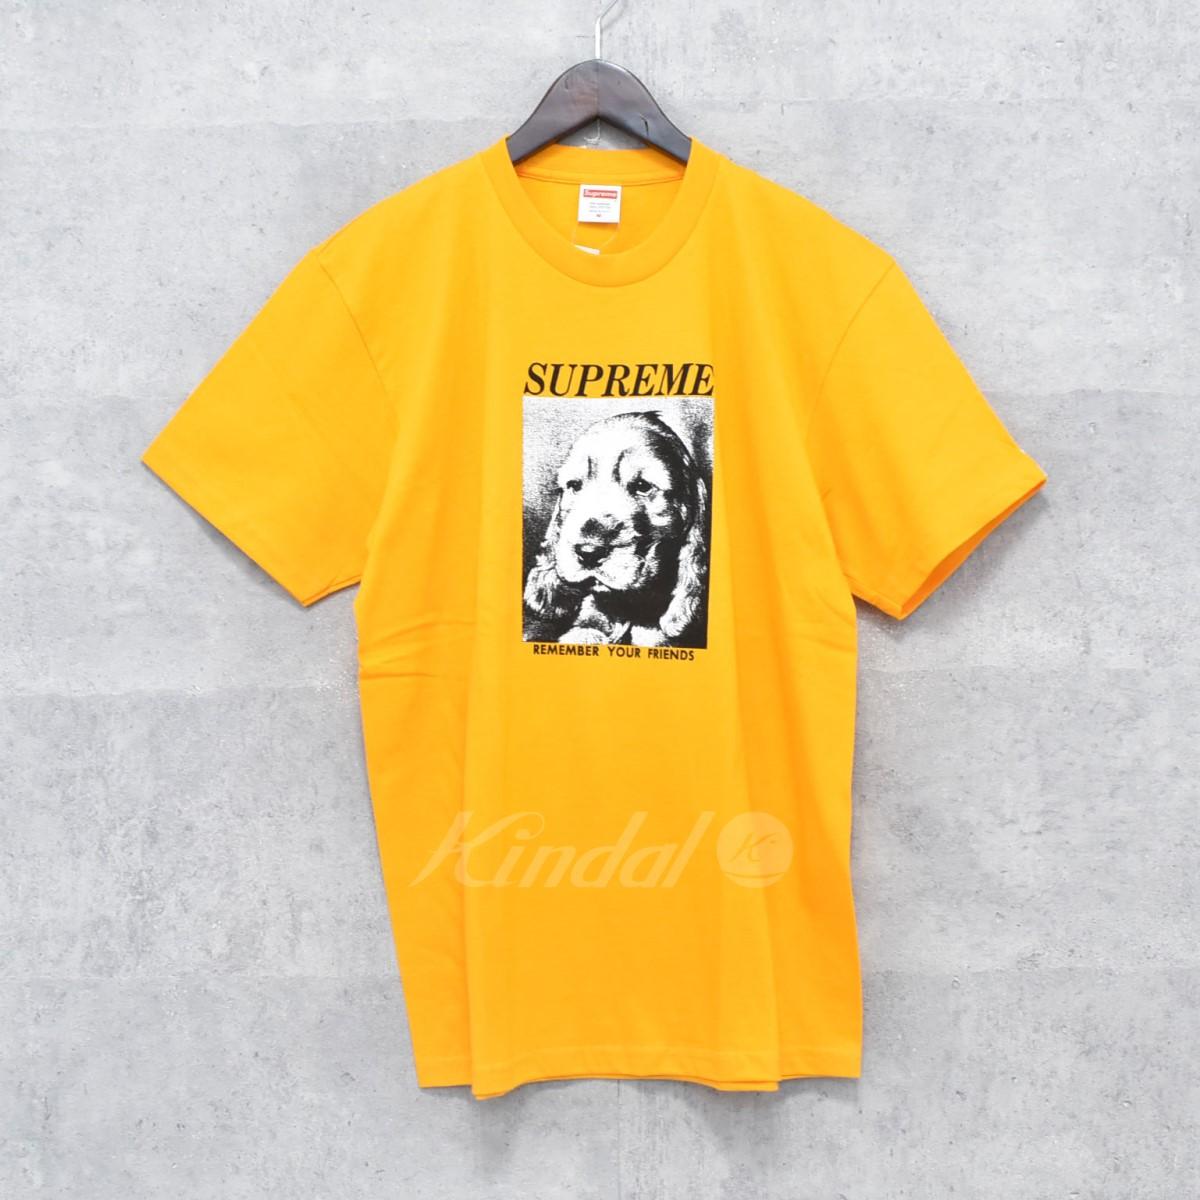 【中古】SUPREME 18AW Remember Tee リメンバー Tシャツ イエロー サイズ:M 【送料無料】 【251018】(シュプリーム)